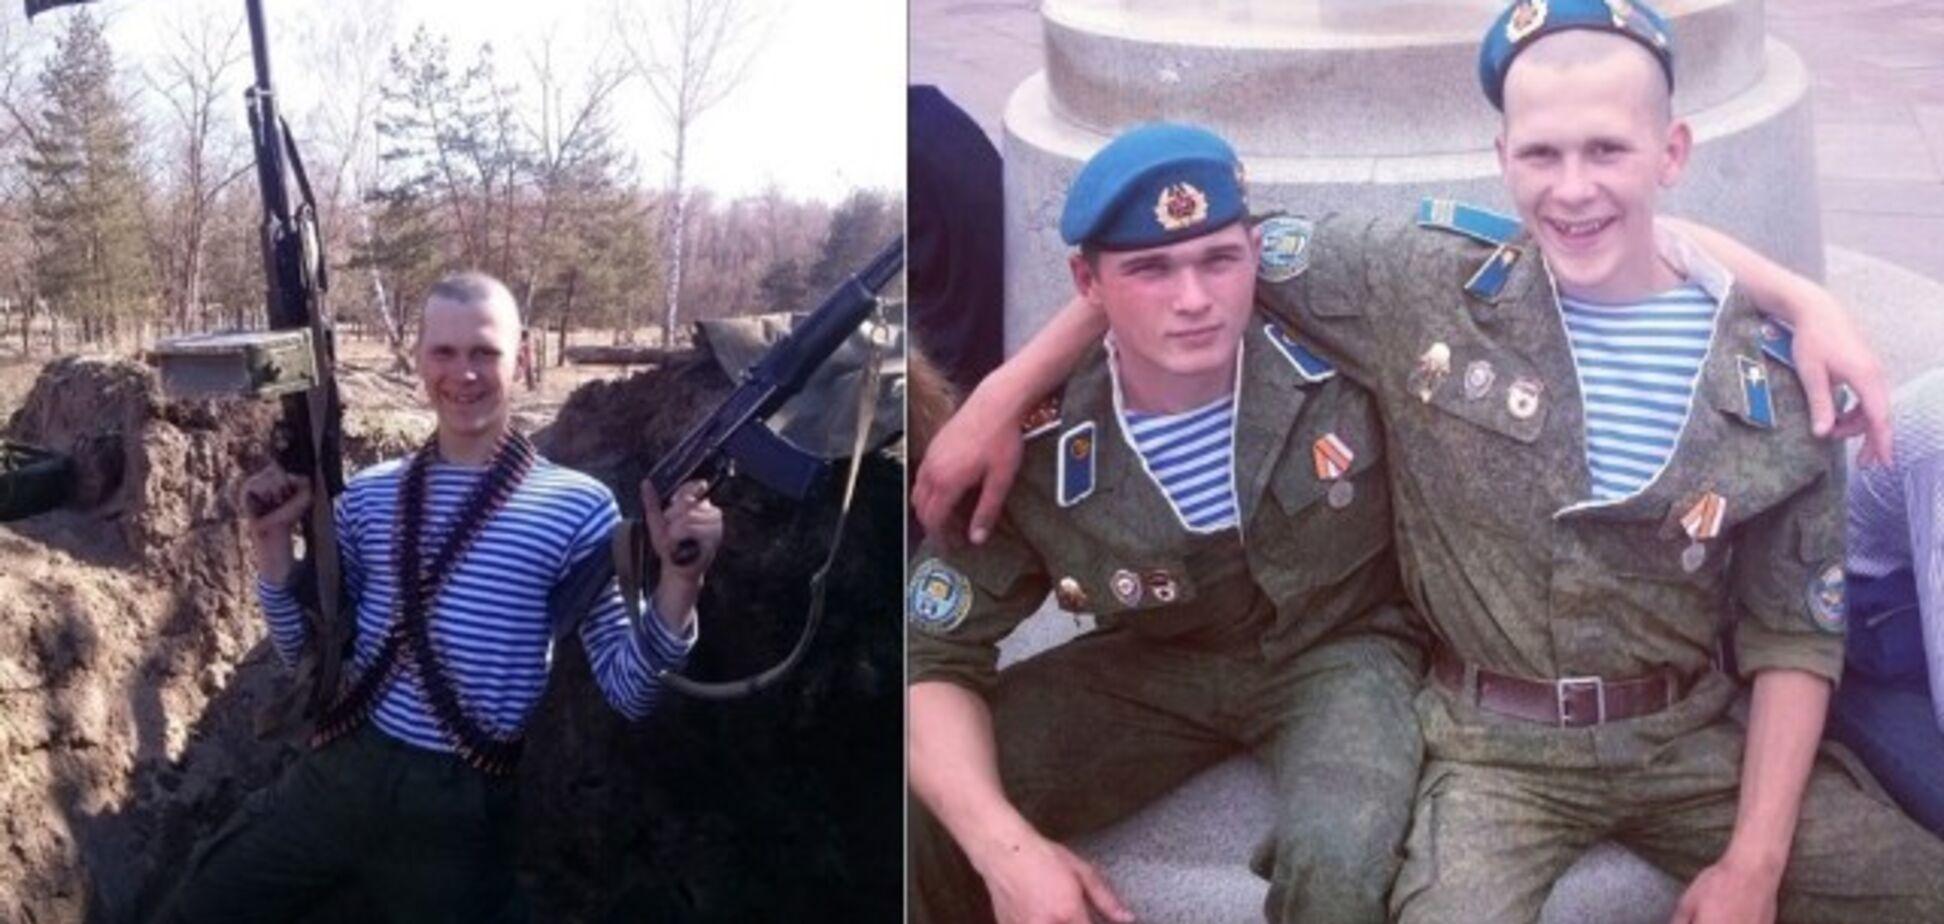 Волонтери викрили чергових ''іхтамнєтов'', які захоплювали Крим: опубліковані фото